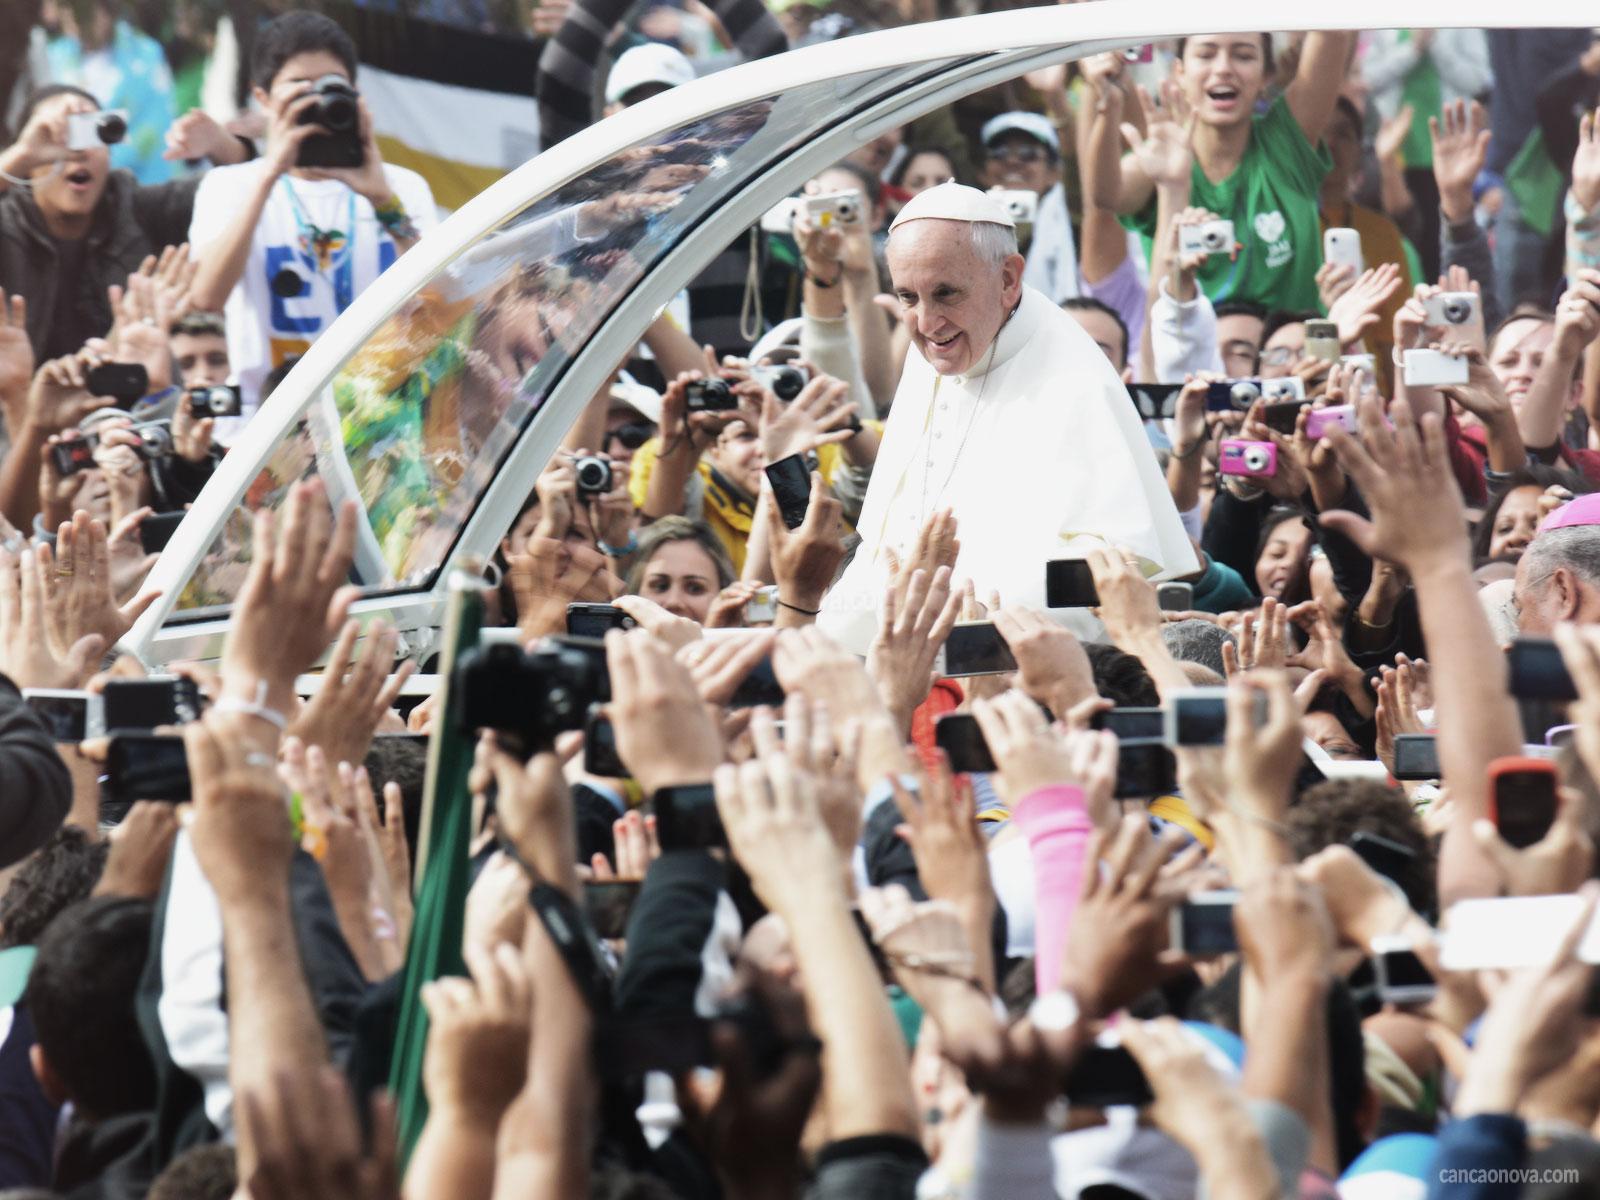 Todos-os-conteúdos-atribuídos-ao-Papa-Francisco-são-verdadeiros